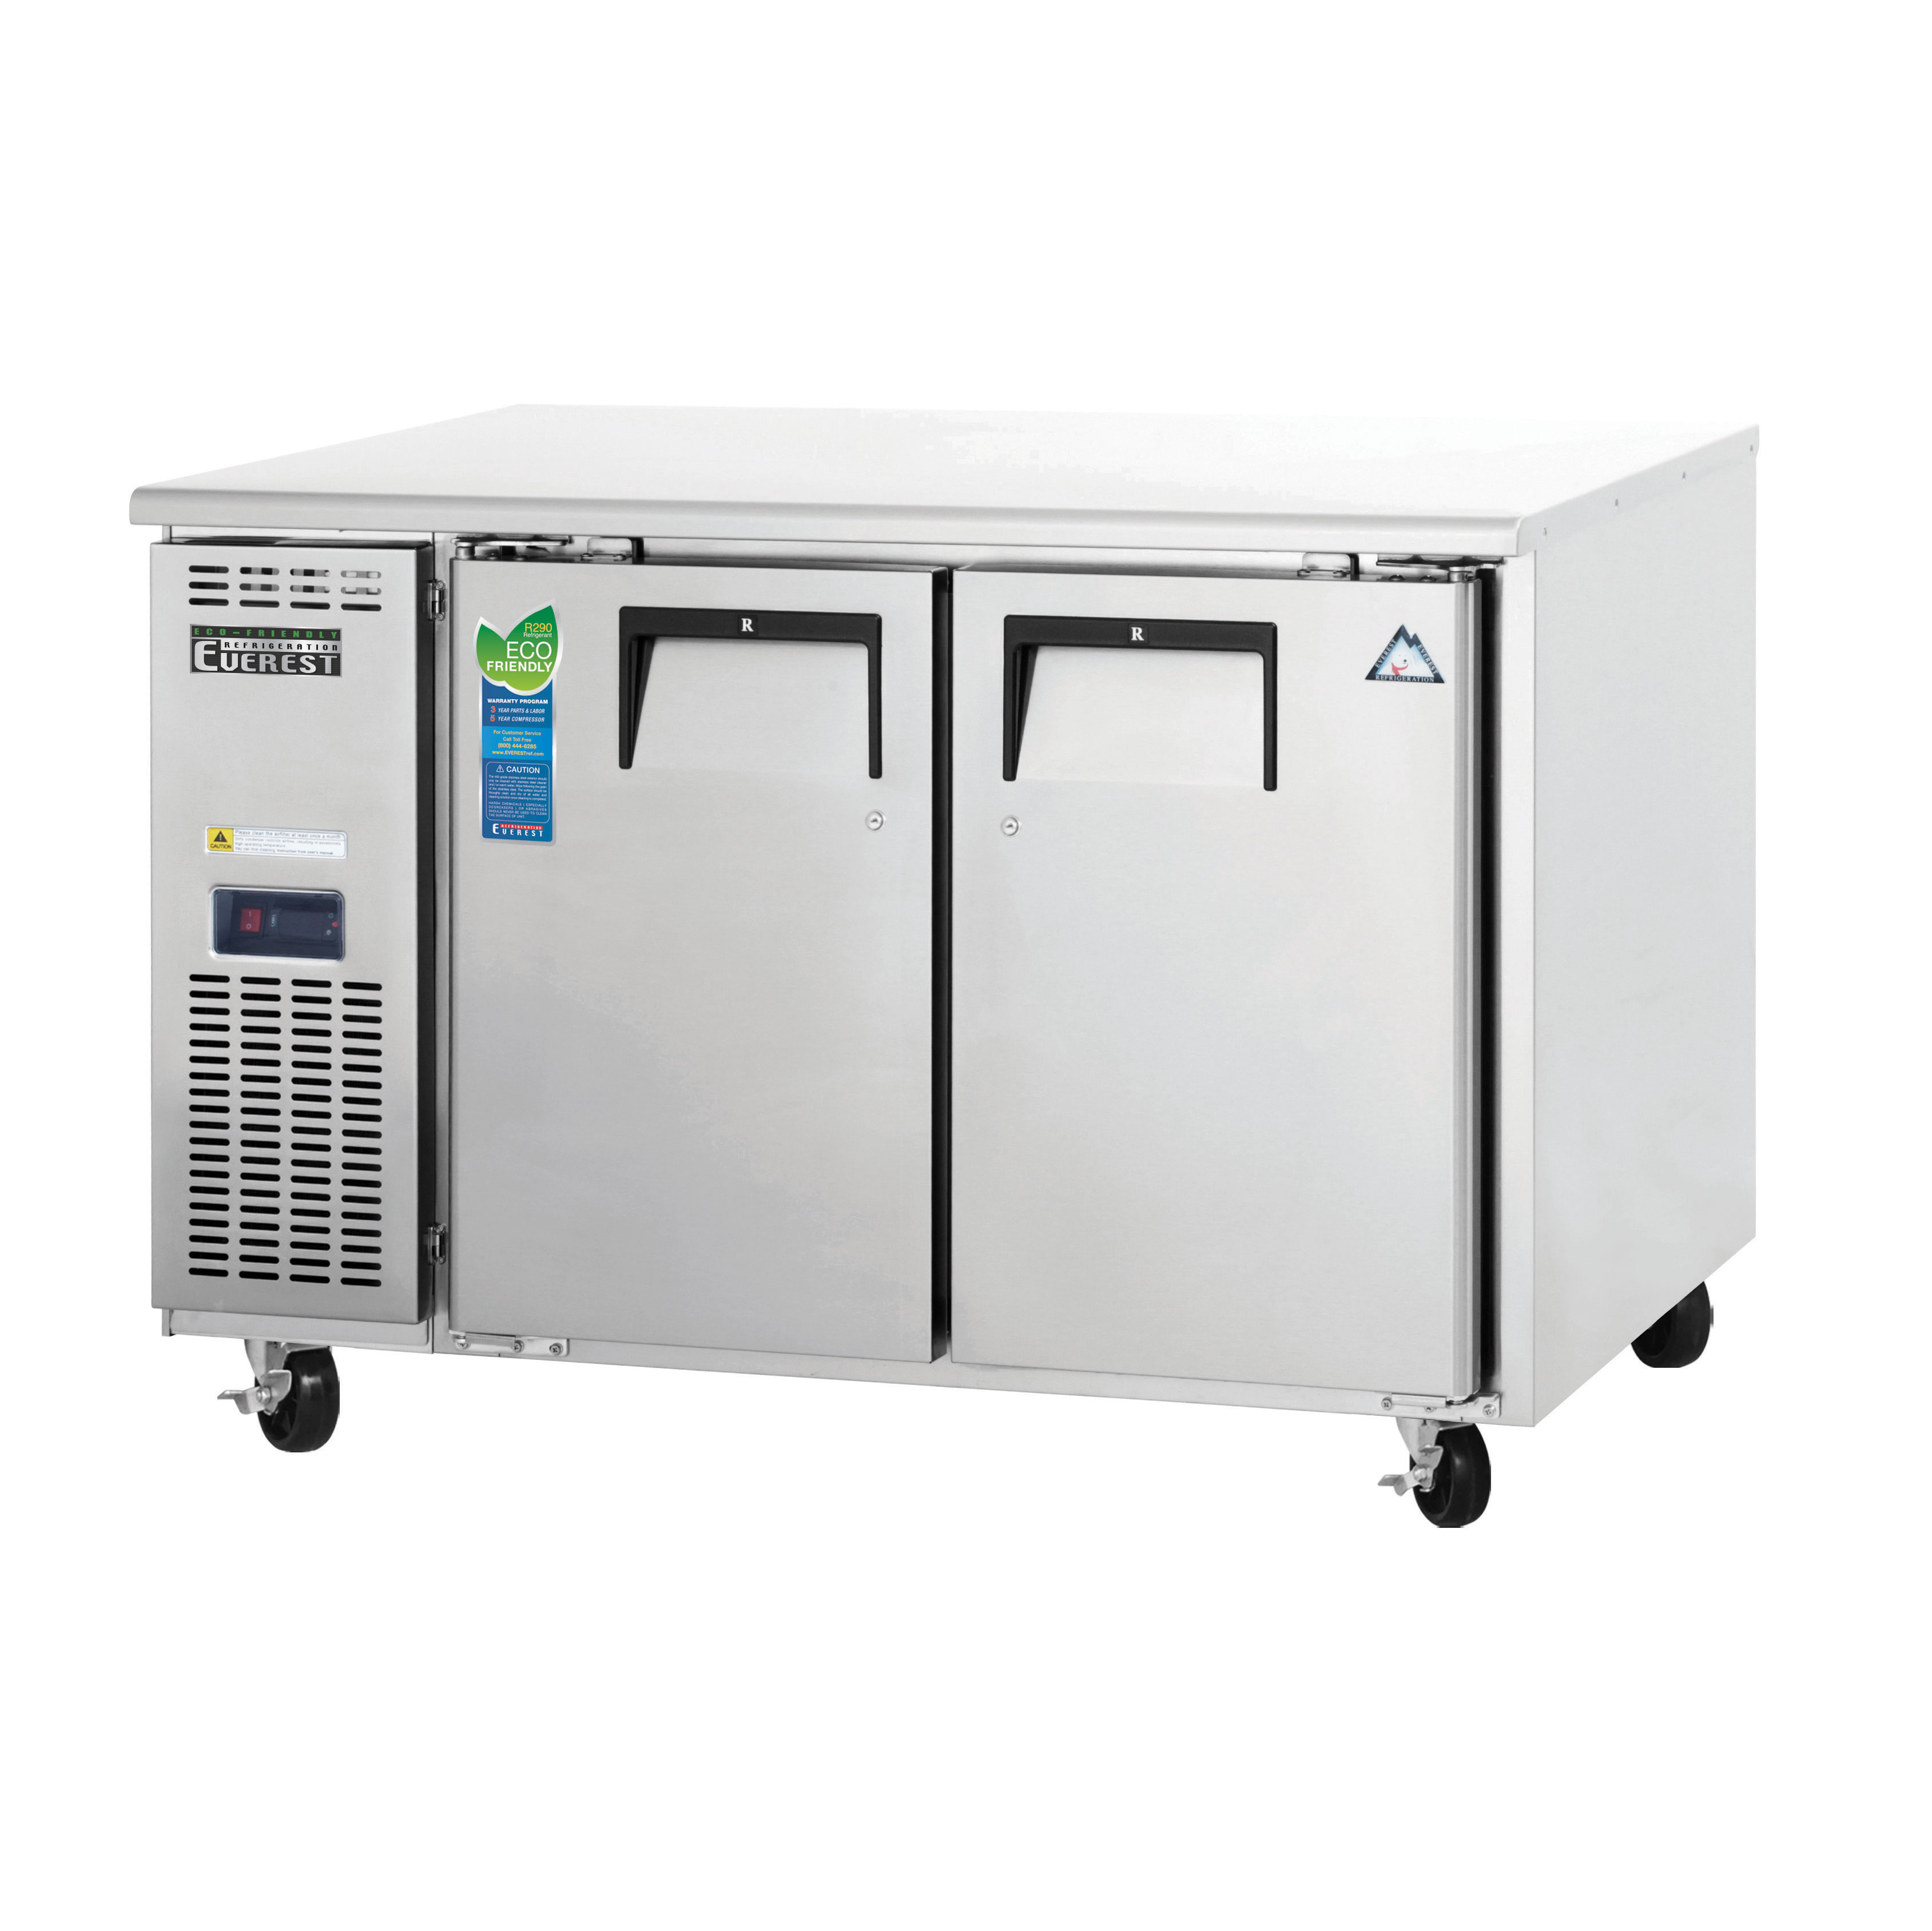 Everest Refrigeration ETR2-24 refrigerator, undercounter, reach-in